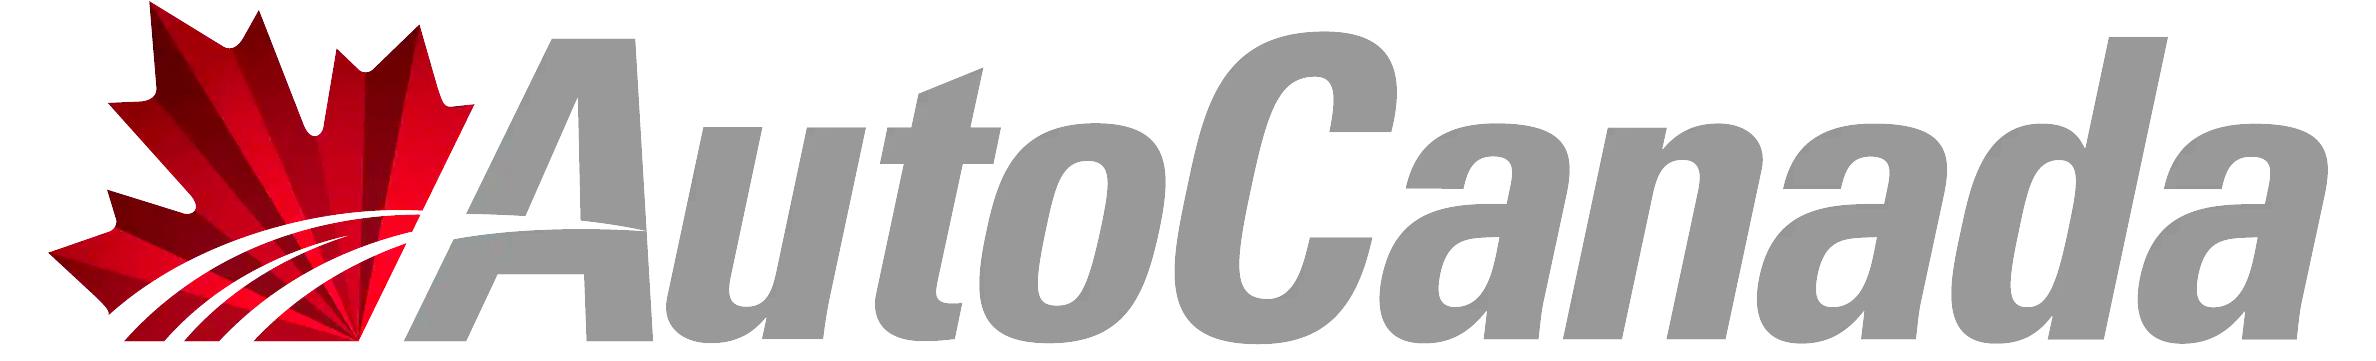 AutoCanada logo